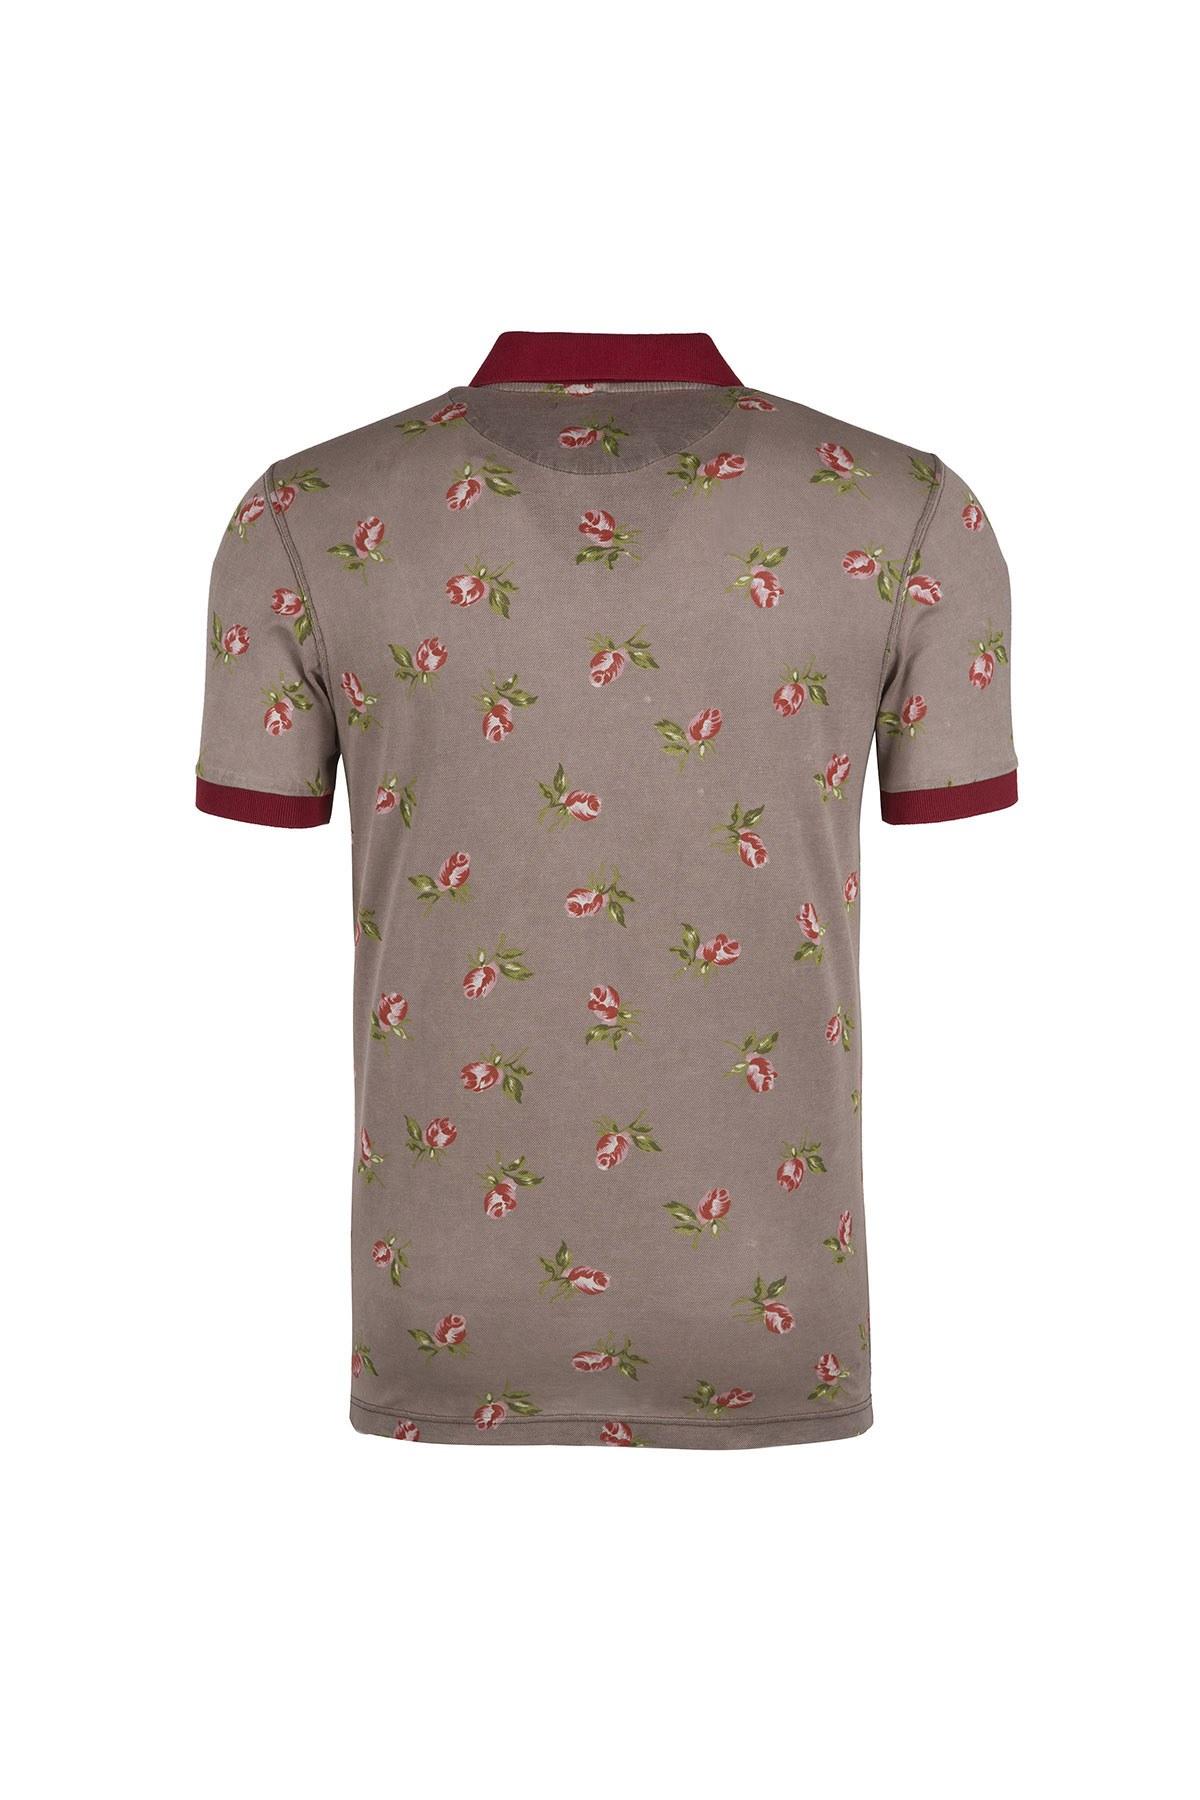 GRAN SASSO T SHIRT Erkek T Shirt 6016366801120 BEJ